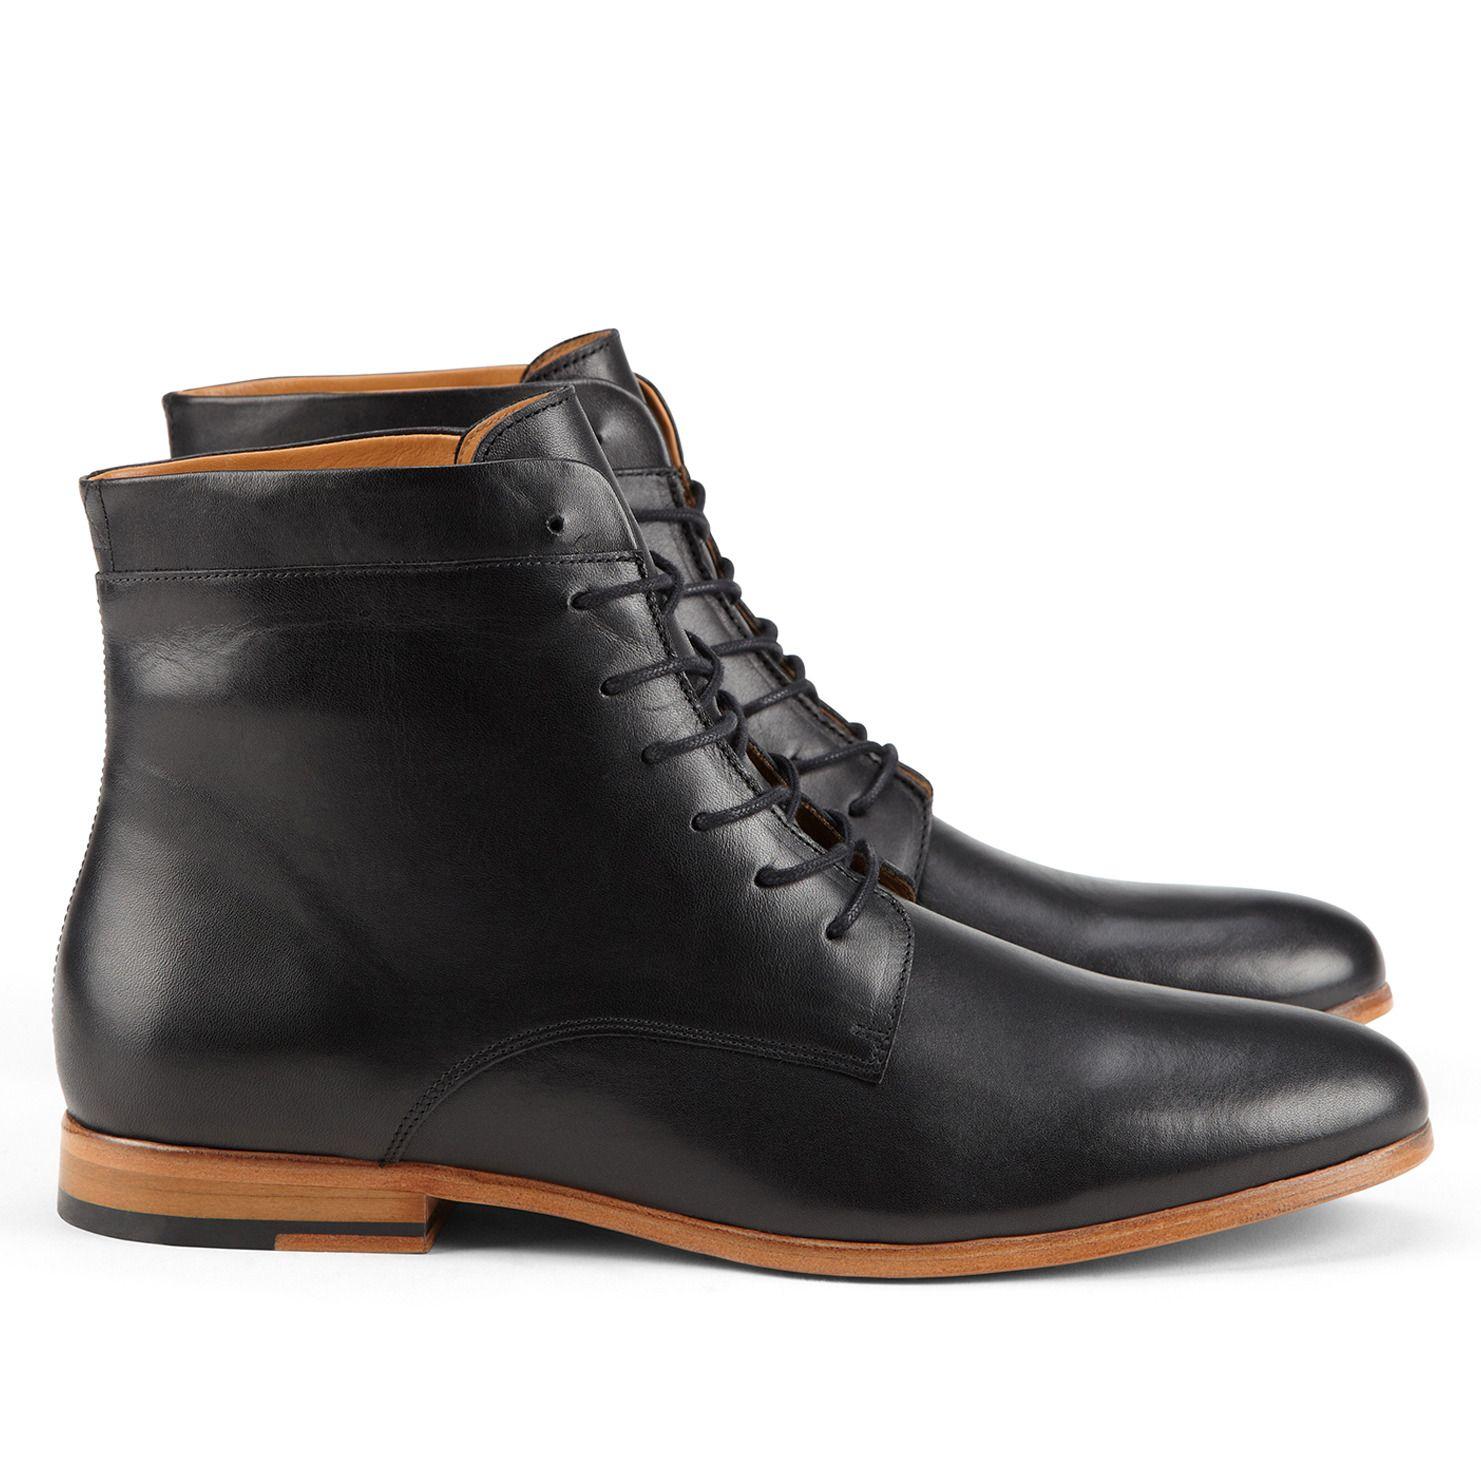 2d70ef7e9d Littman - men's shoes mr. b's collection for sale at ALDO Shoes ...